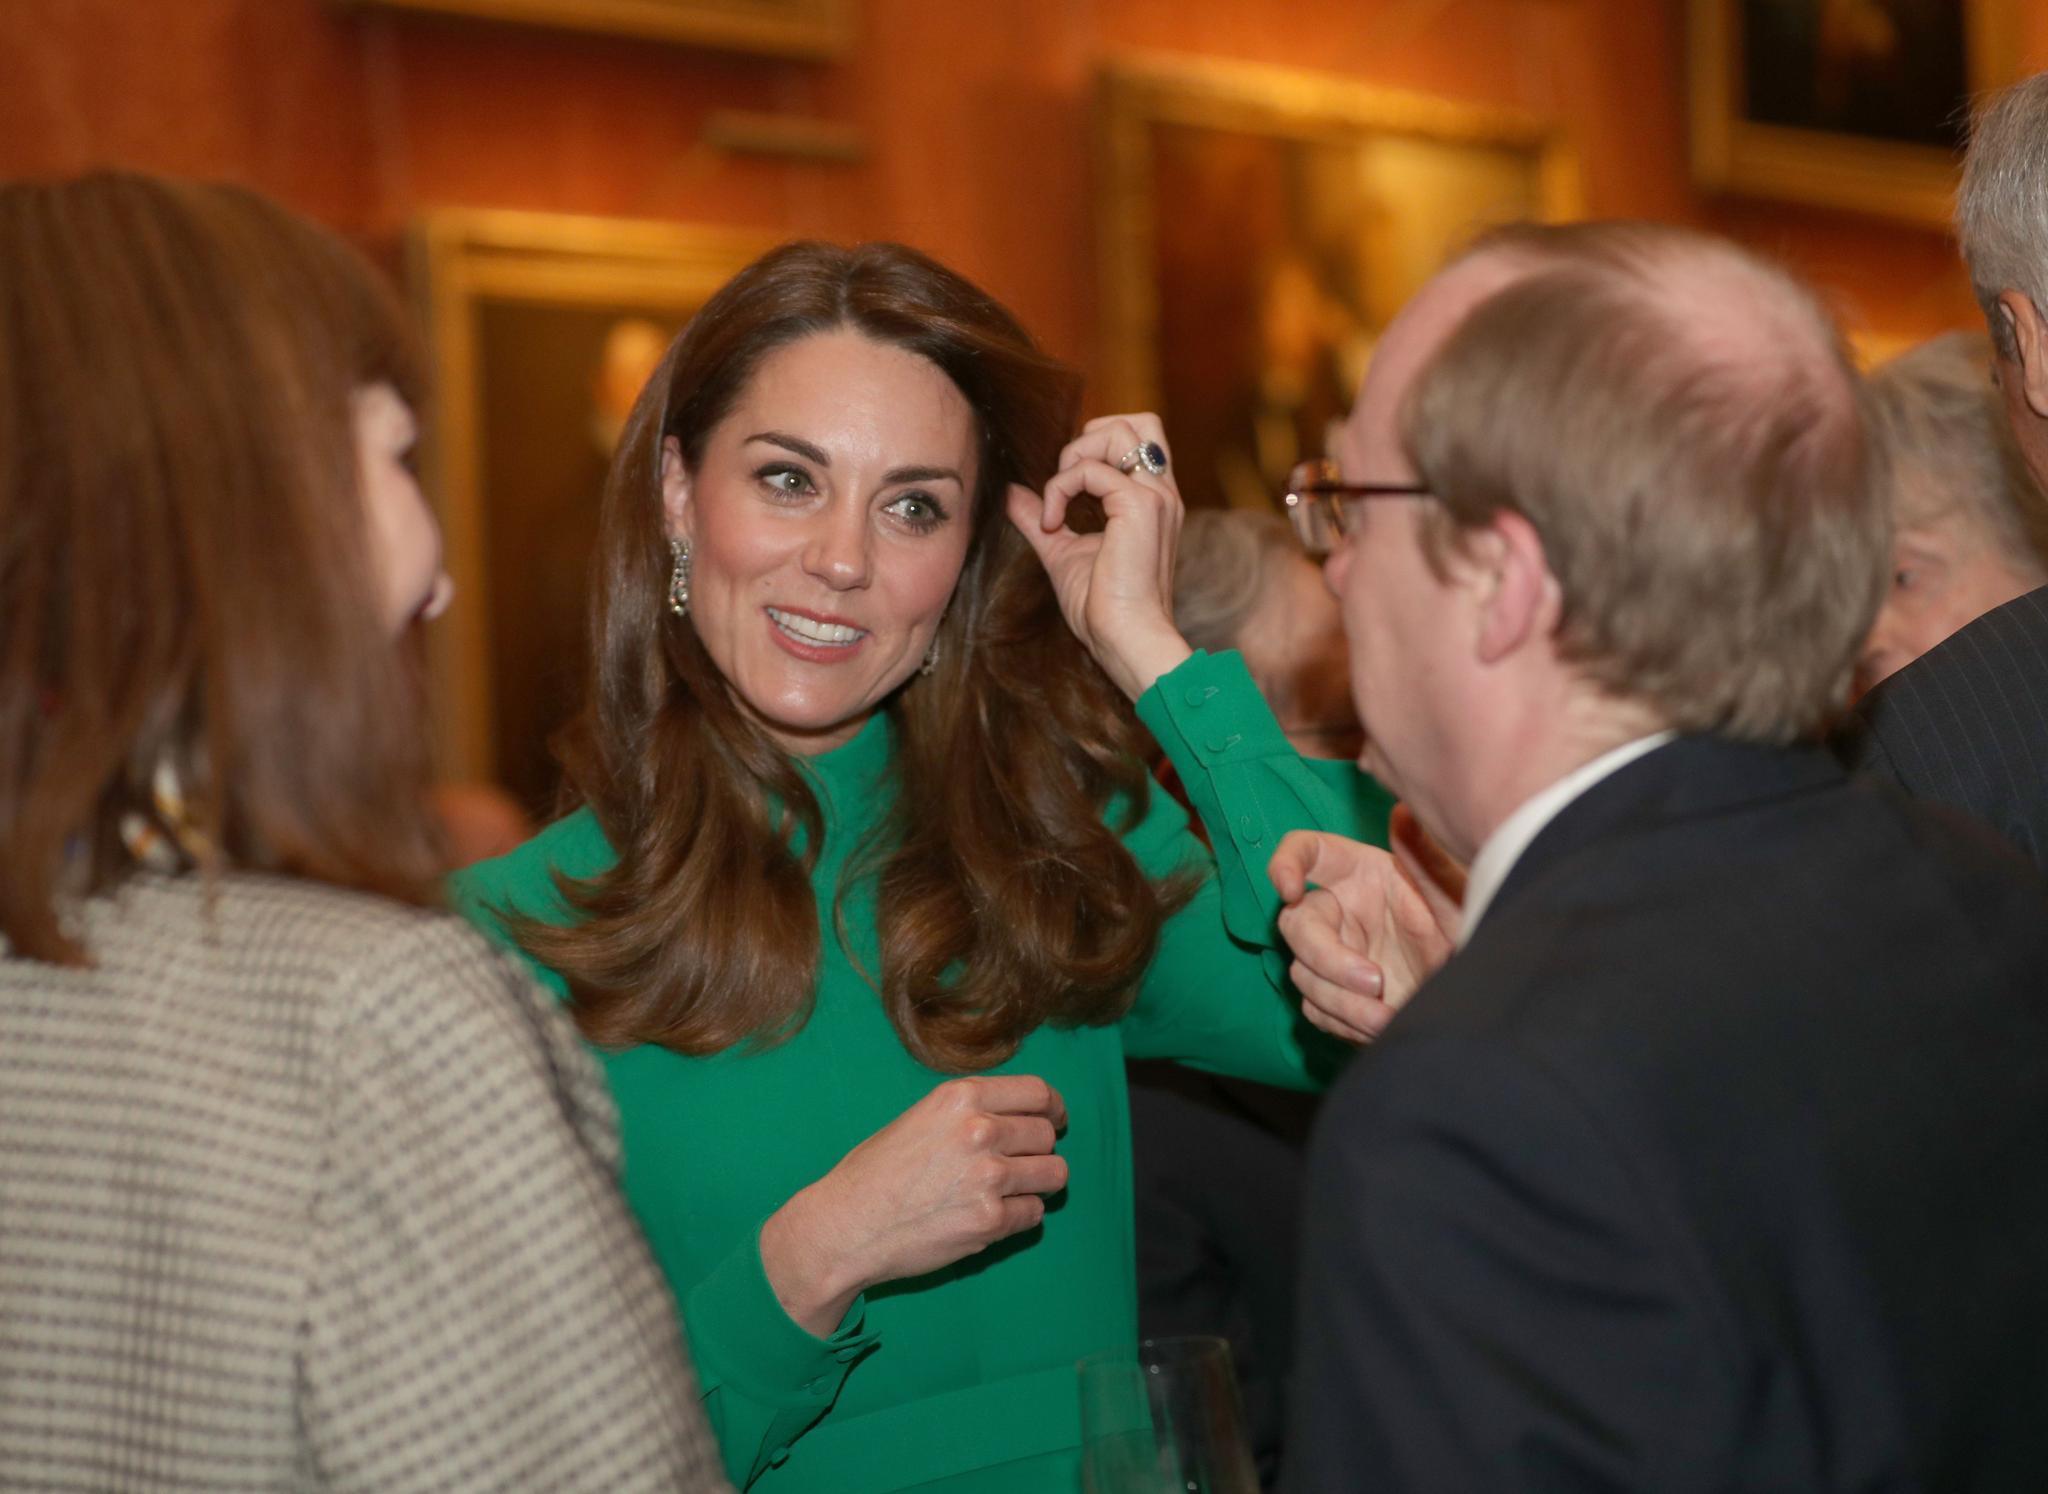 Queen Elizabeth, Herzogin Kate & Co.: Herzogin Catherine hat sichtlich Freude im Gespräch mit den Gästen.